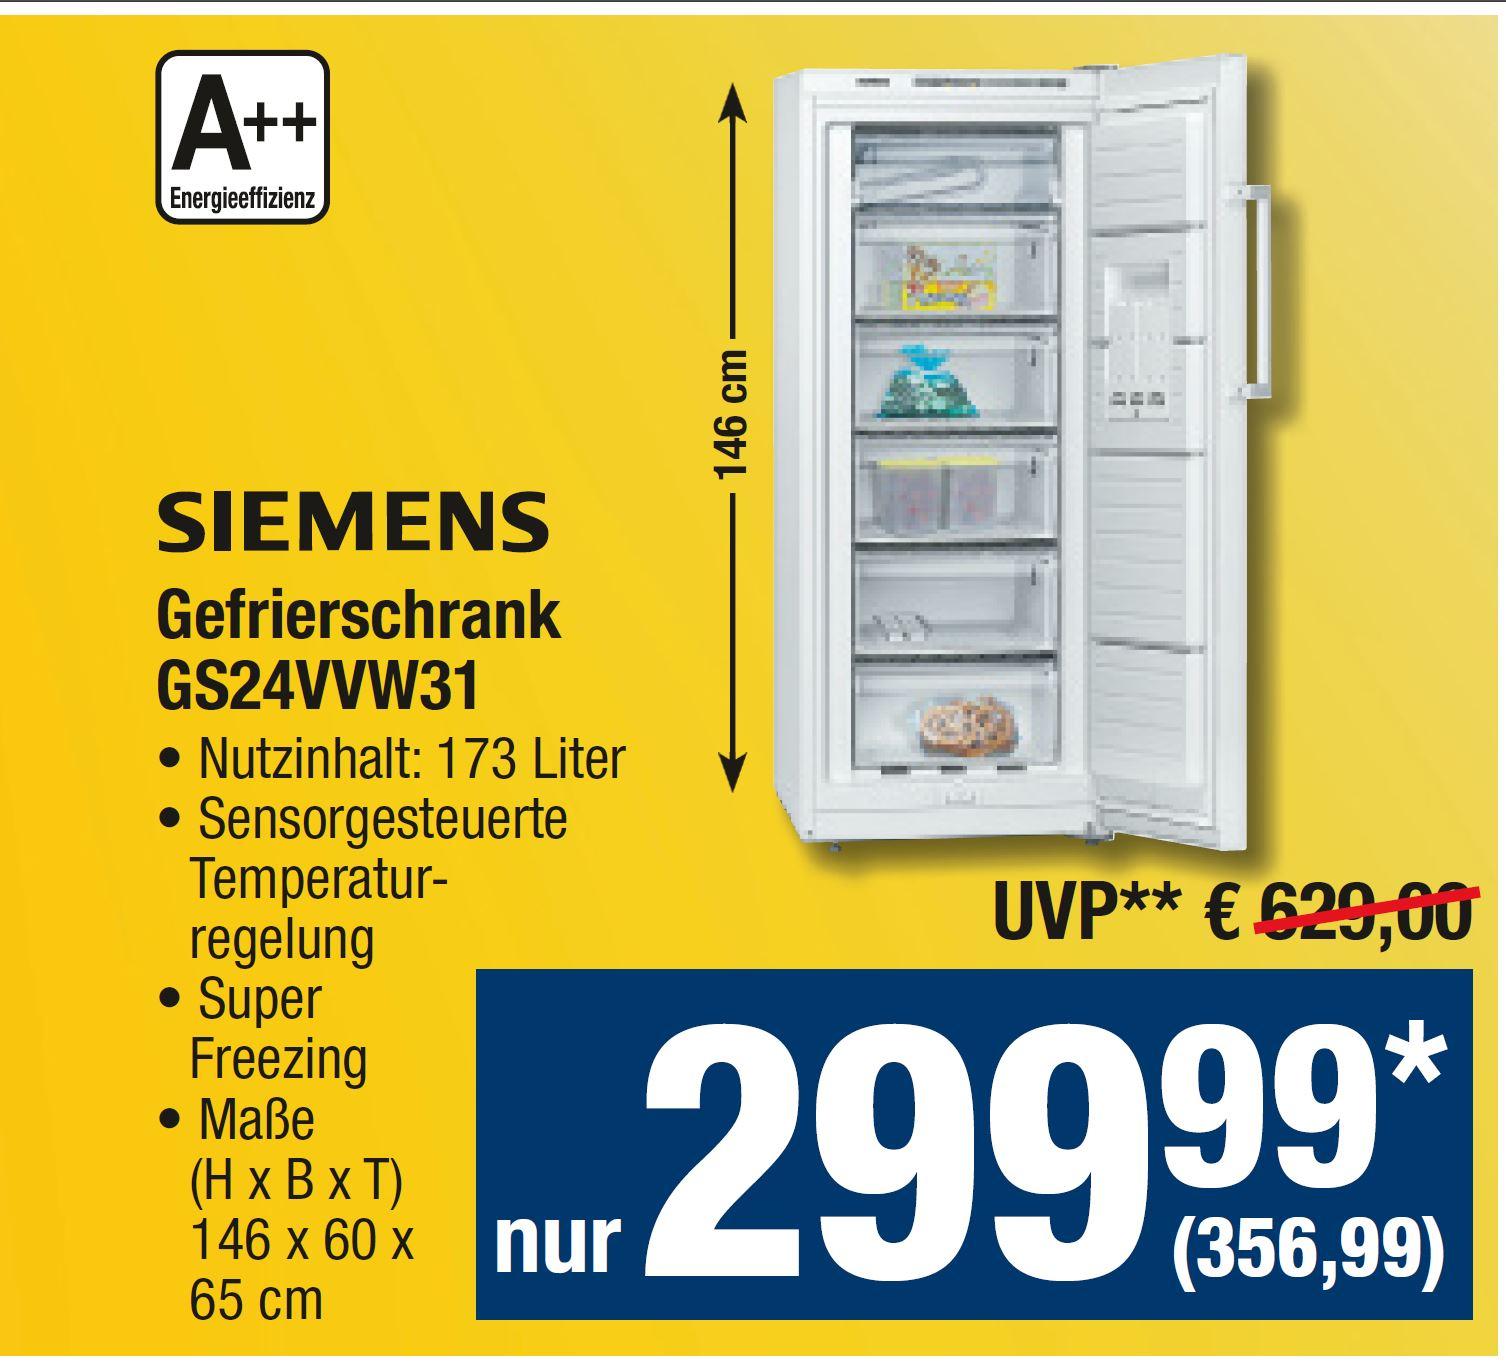 OFFLINE: Metro vom 29.06. - 12.07.  Siemens Gefrierschrank 173 Liter GS24VVW31 (A++) für 356,99 €